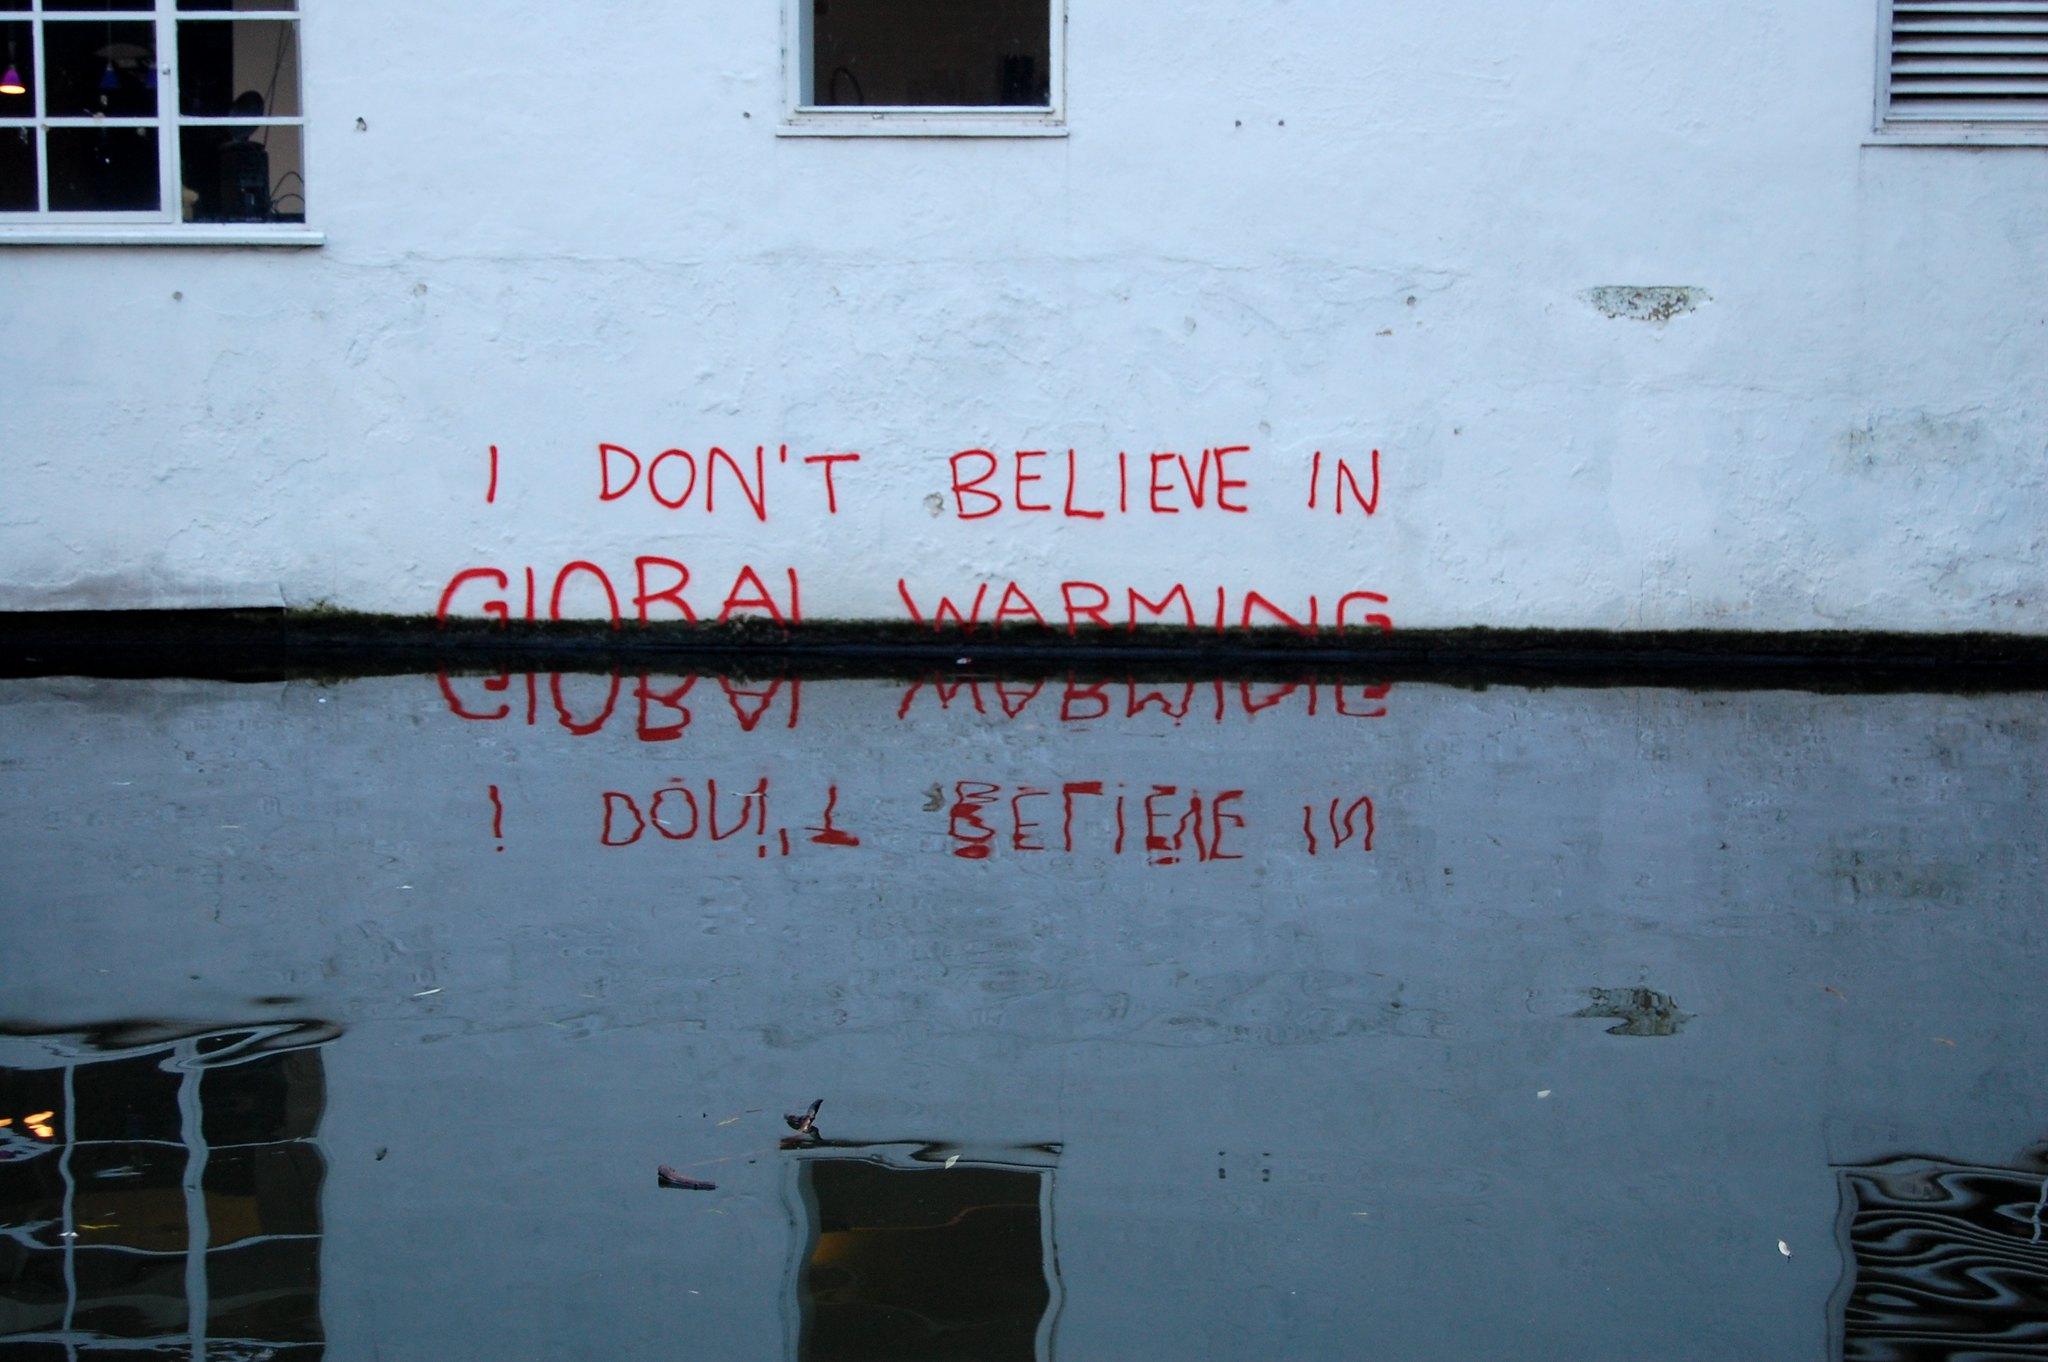 «Ich glaube nicht an die Klimaerwärmung»-Graffito in London, vermutlich von Bansky.